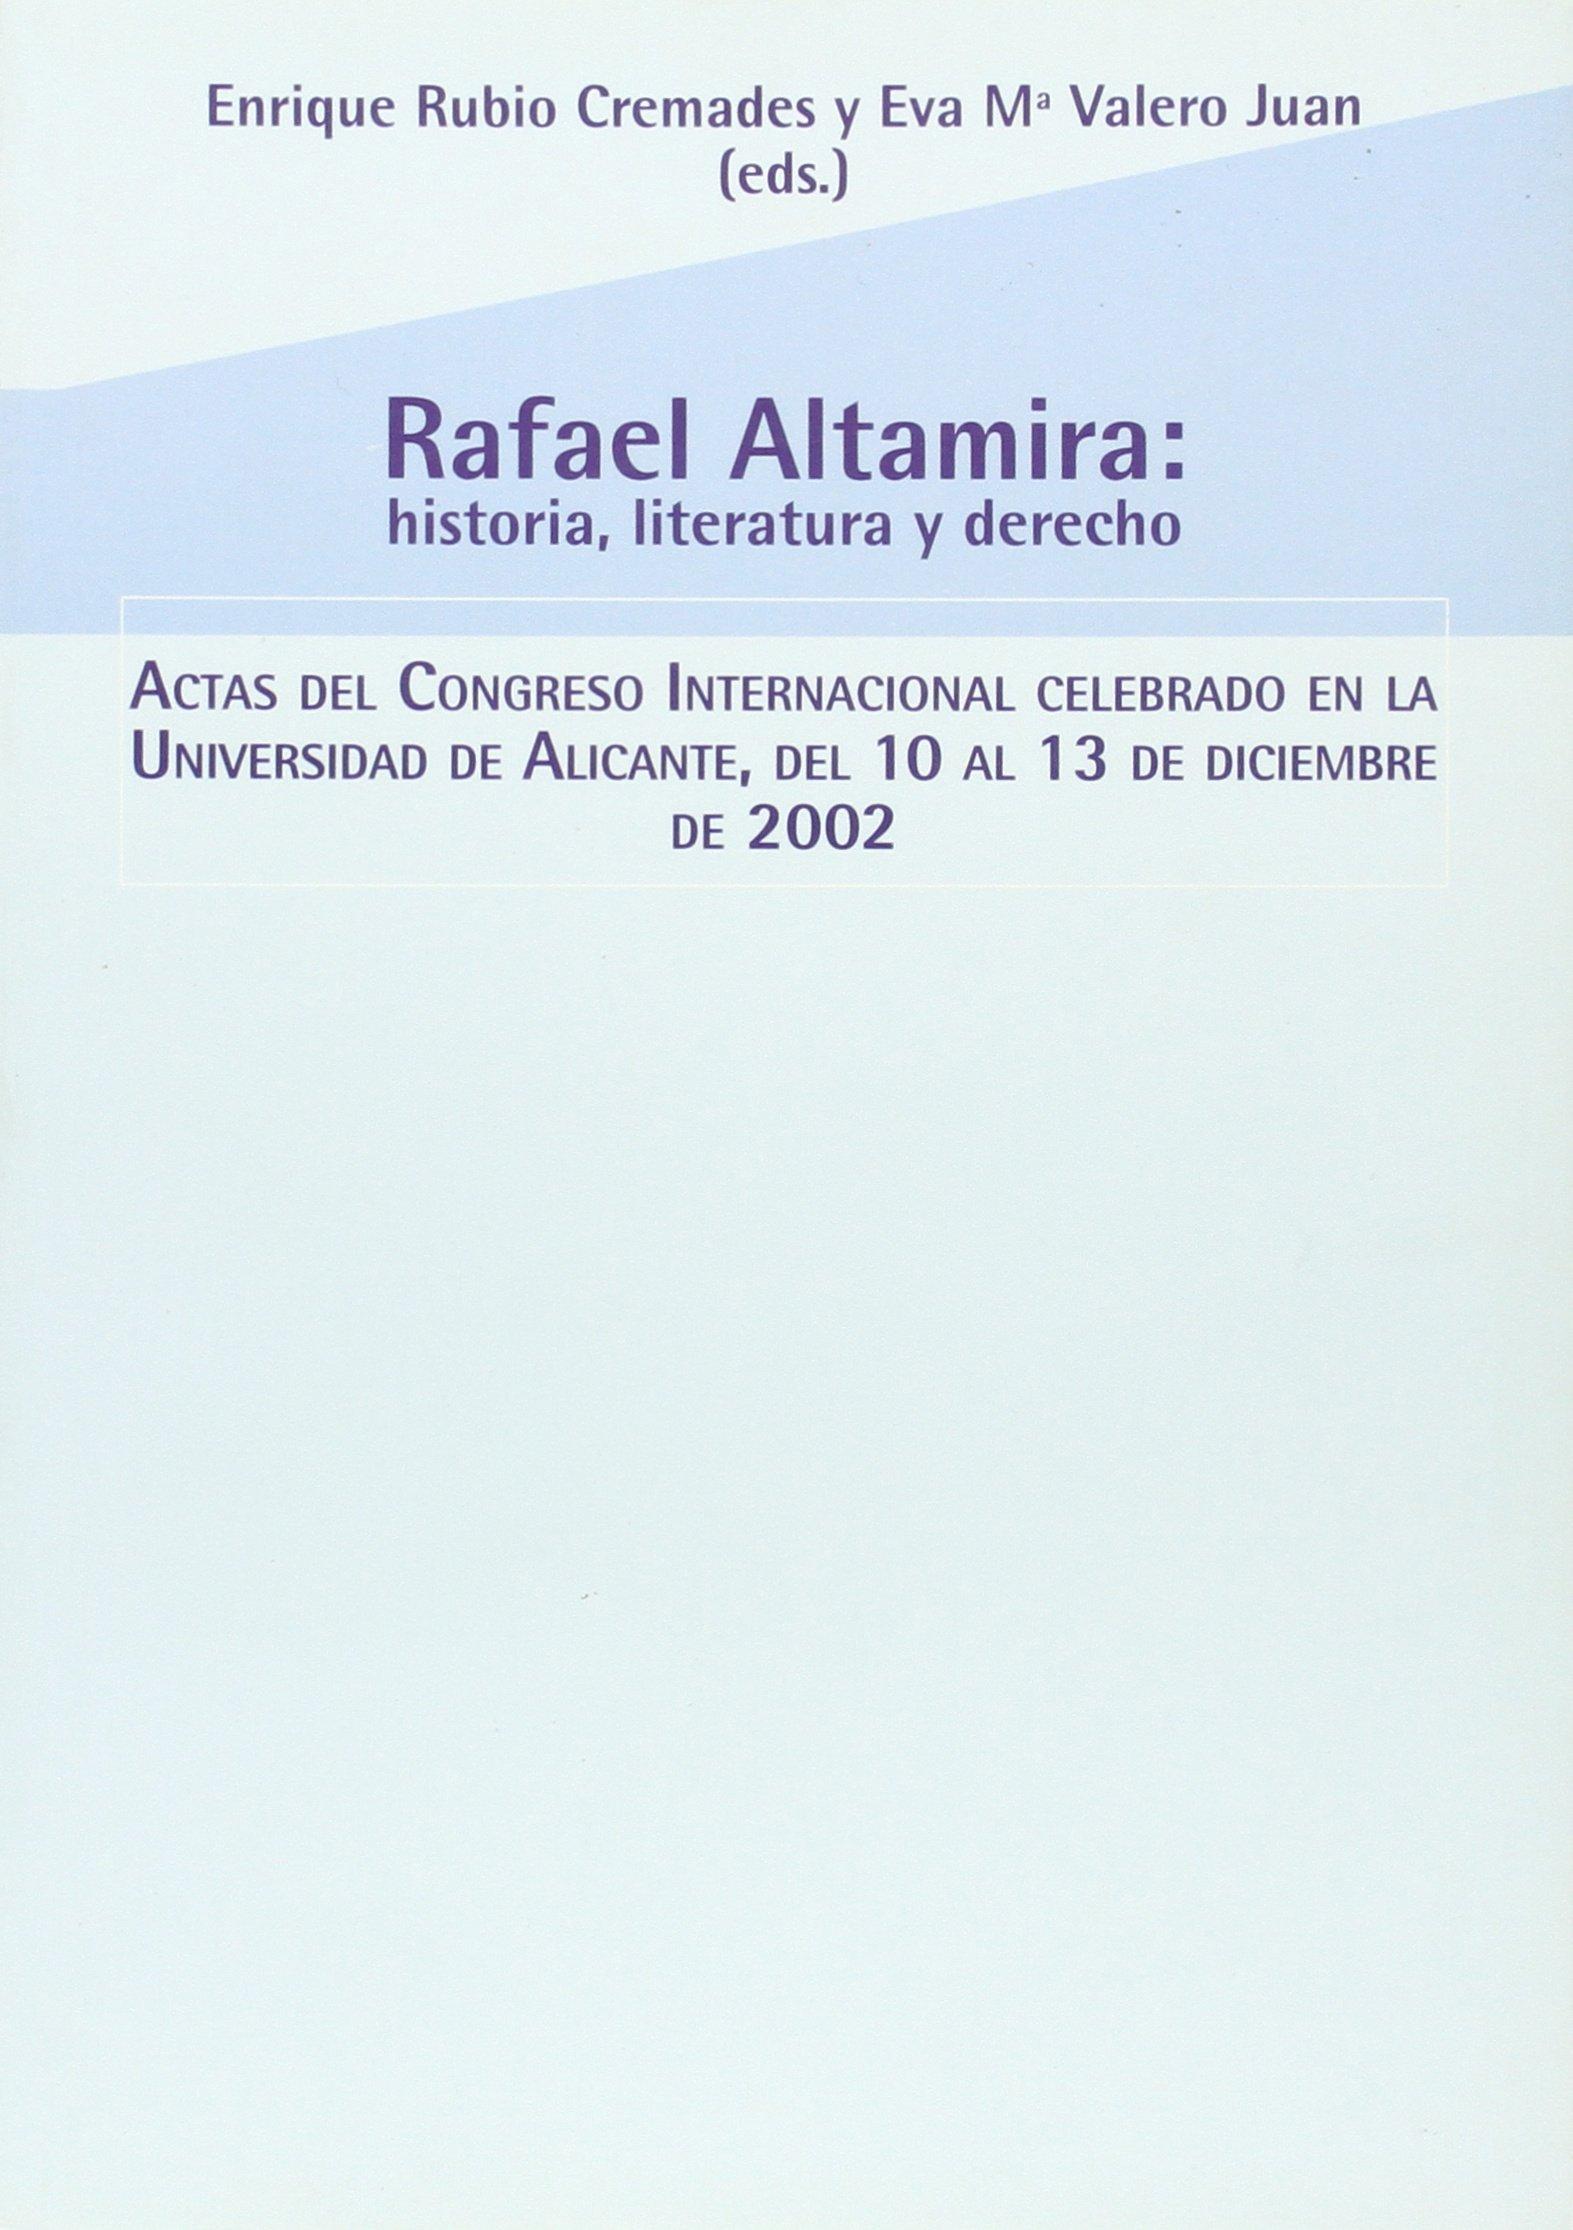 Rafael altamira: literatura, historia y derecho actas del congreso internacional celebrado en Alicante: Amazon.es: Rubio, Valero: Libros